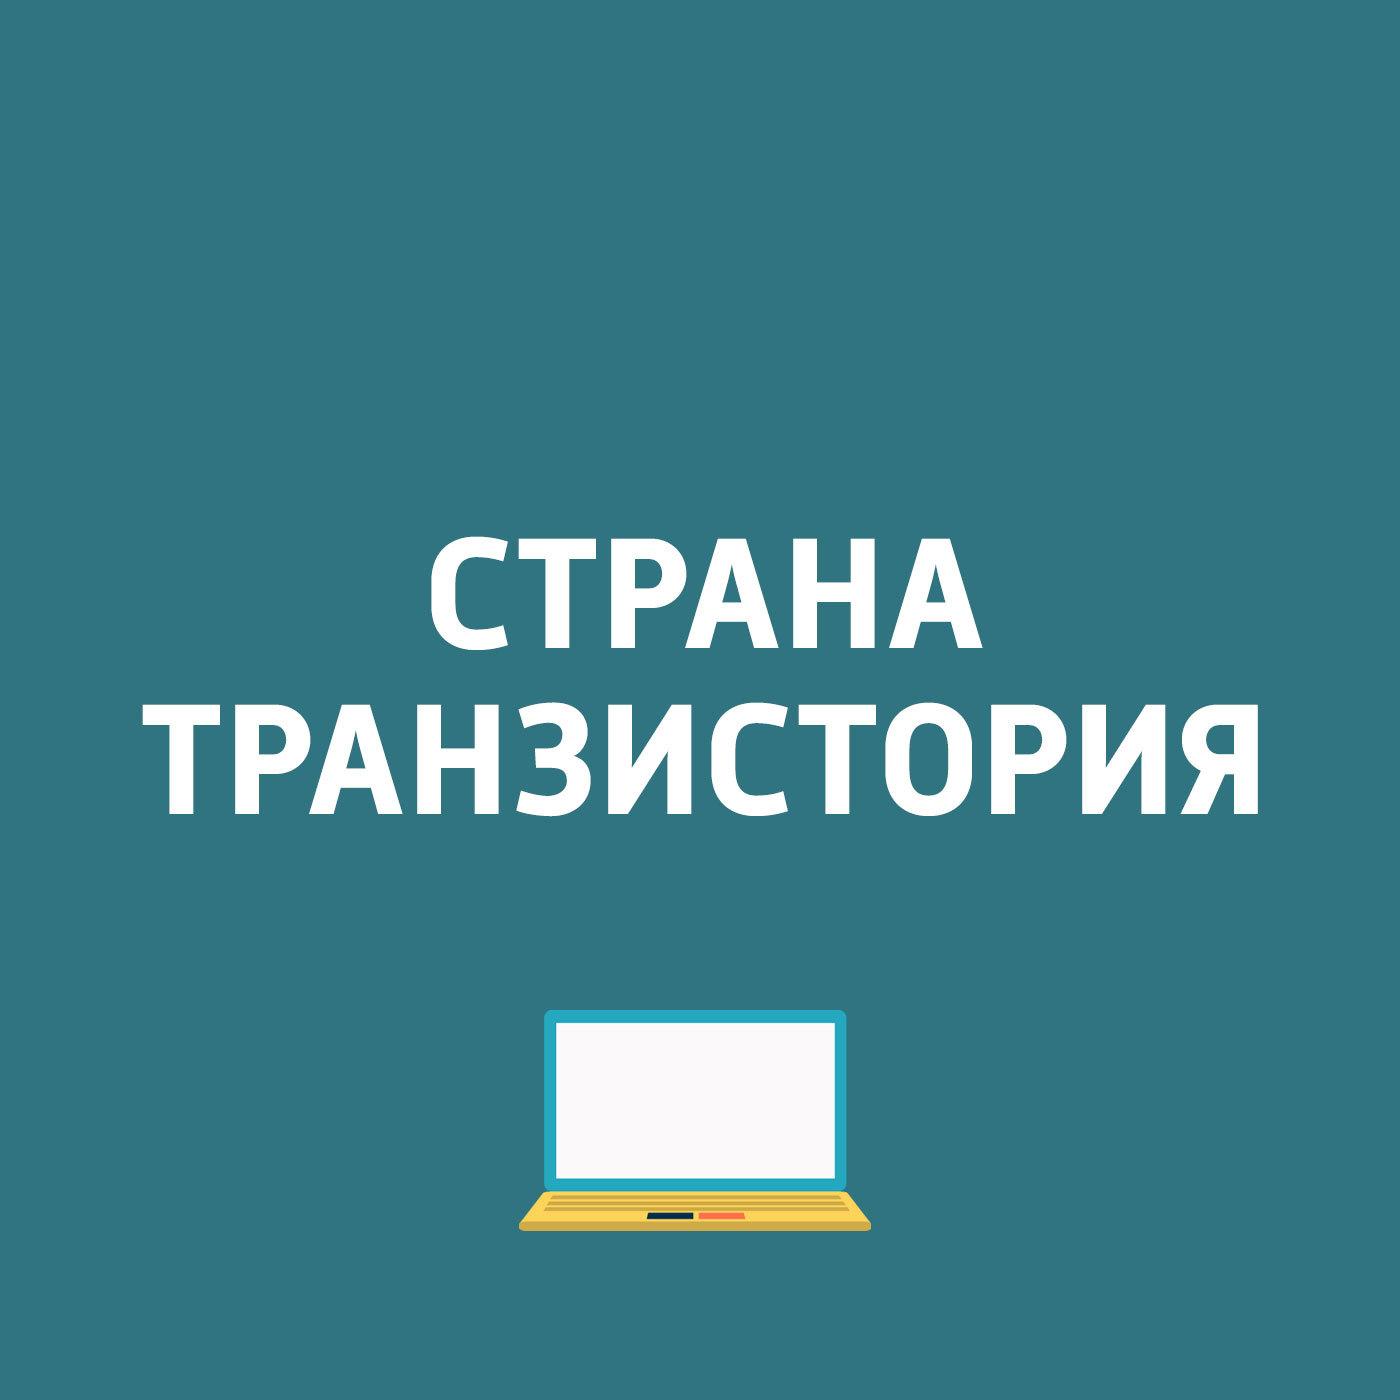 Картаев Павел Mail.Ru и Роскосмос запустили проект «Письма в космос» костюм мужской asics man fleece suit цвет черный 156856 0904 размер s 44